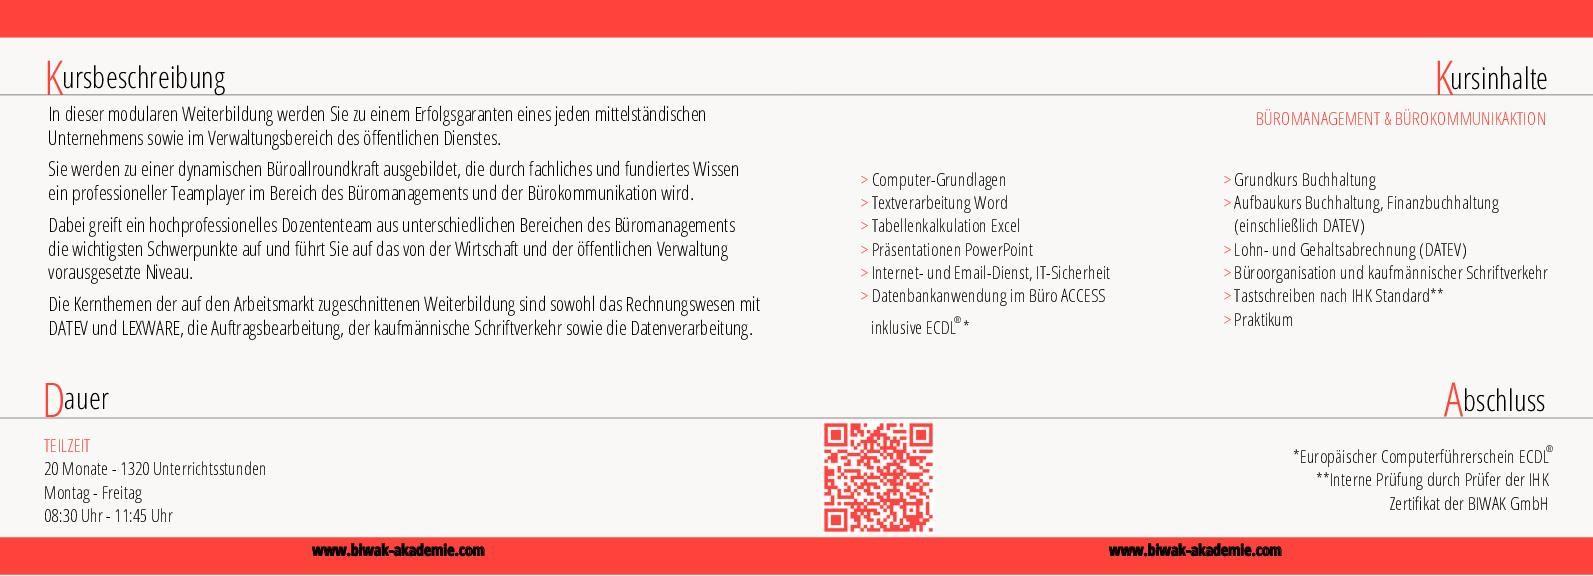 Biwak Weiterbildung In Berlin Mit Bildungsgutschei Weiterbildung In Berlin Umschulungen Weiterbildung Berlin Ausbildung